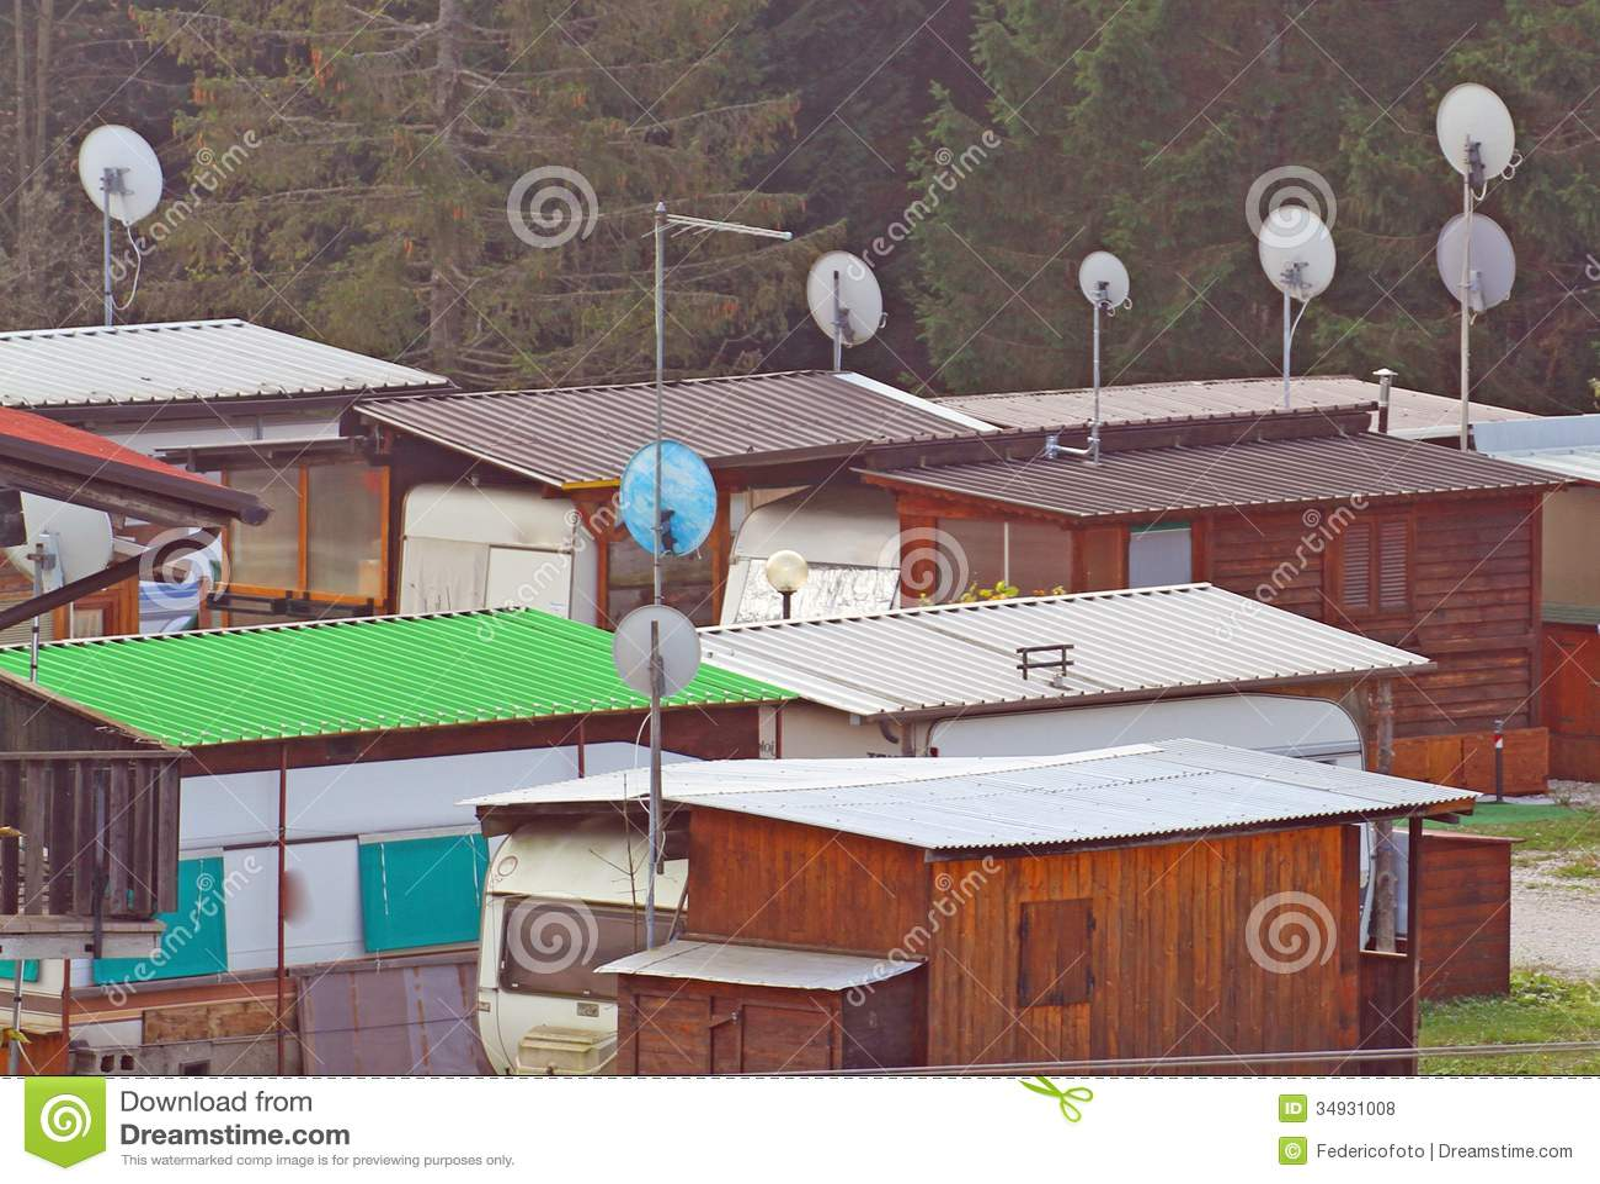 Cabinas de la caravana y del campo equipadas para las emergencias humanitarias